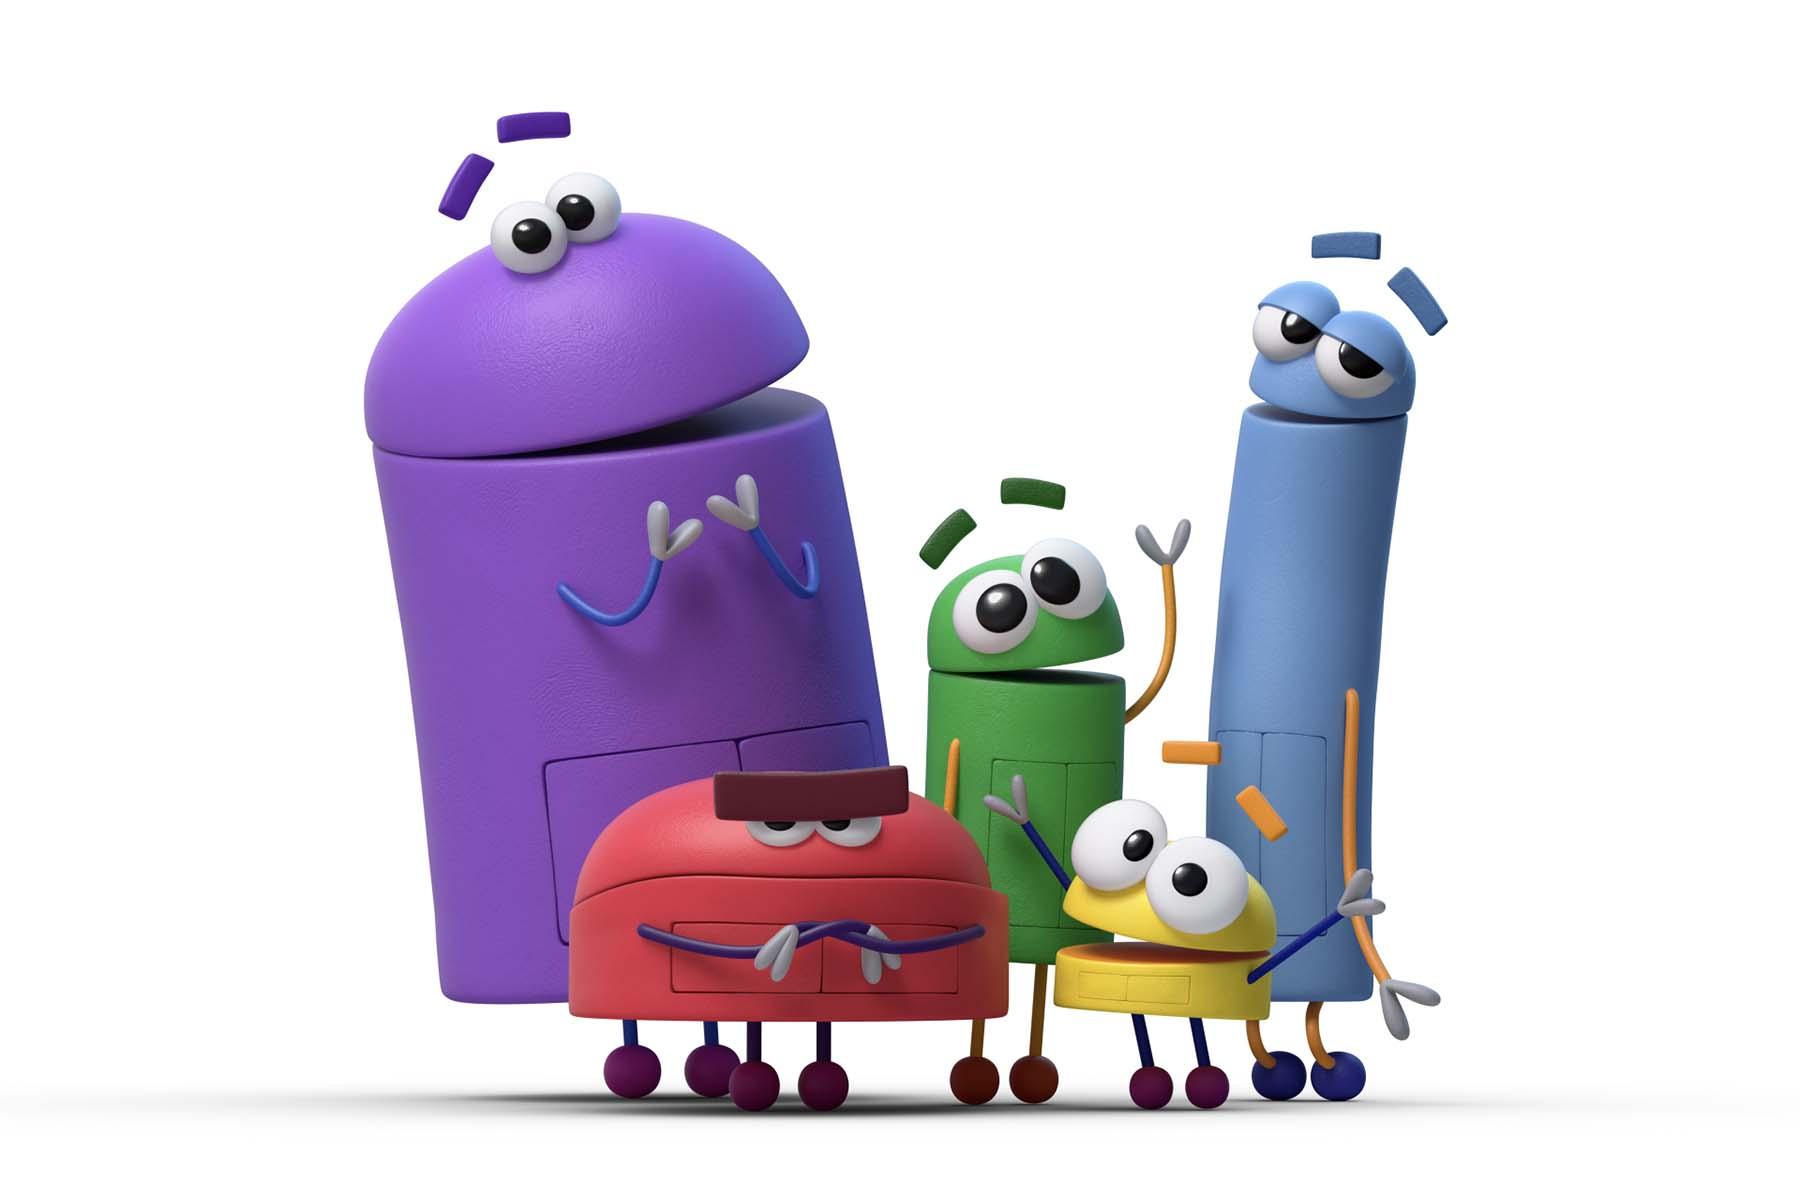 StoryBots characters